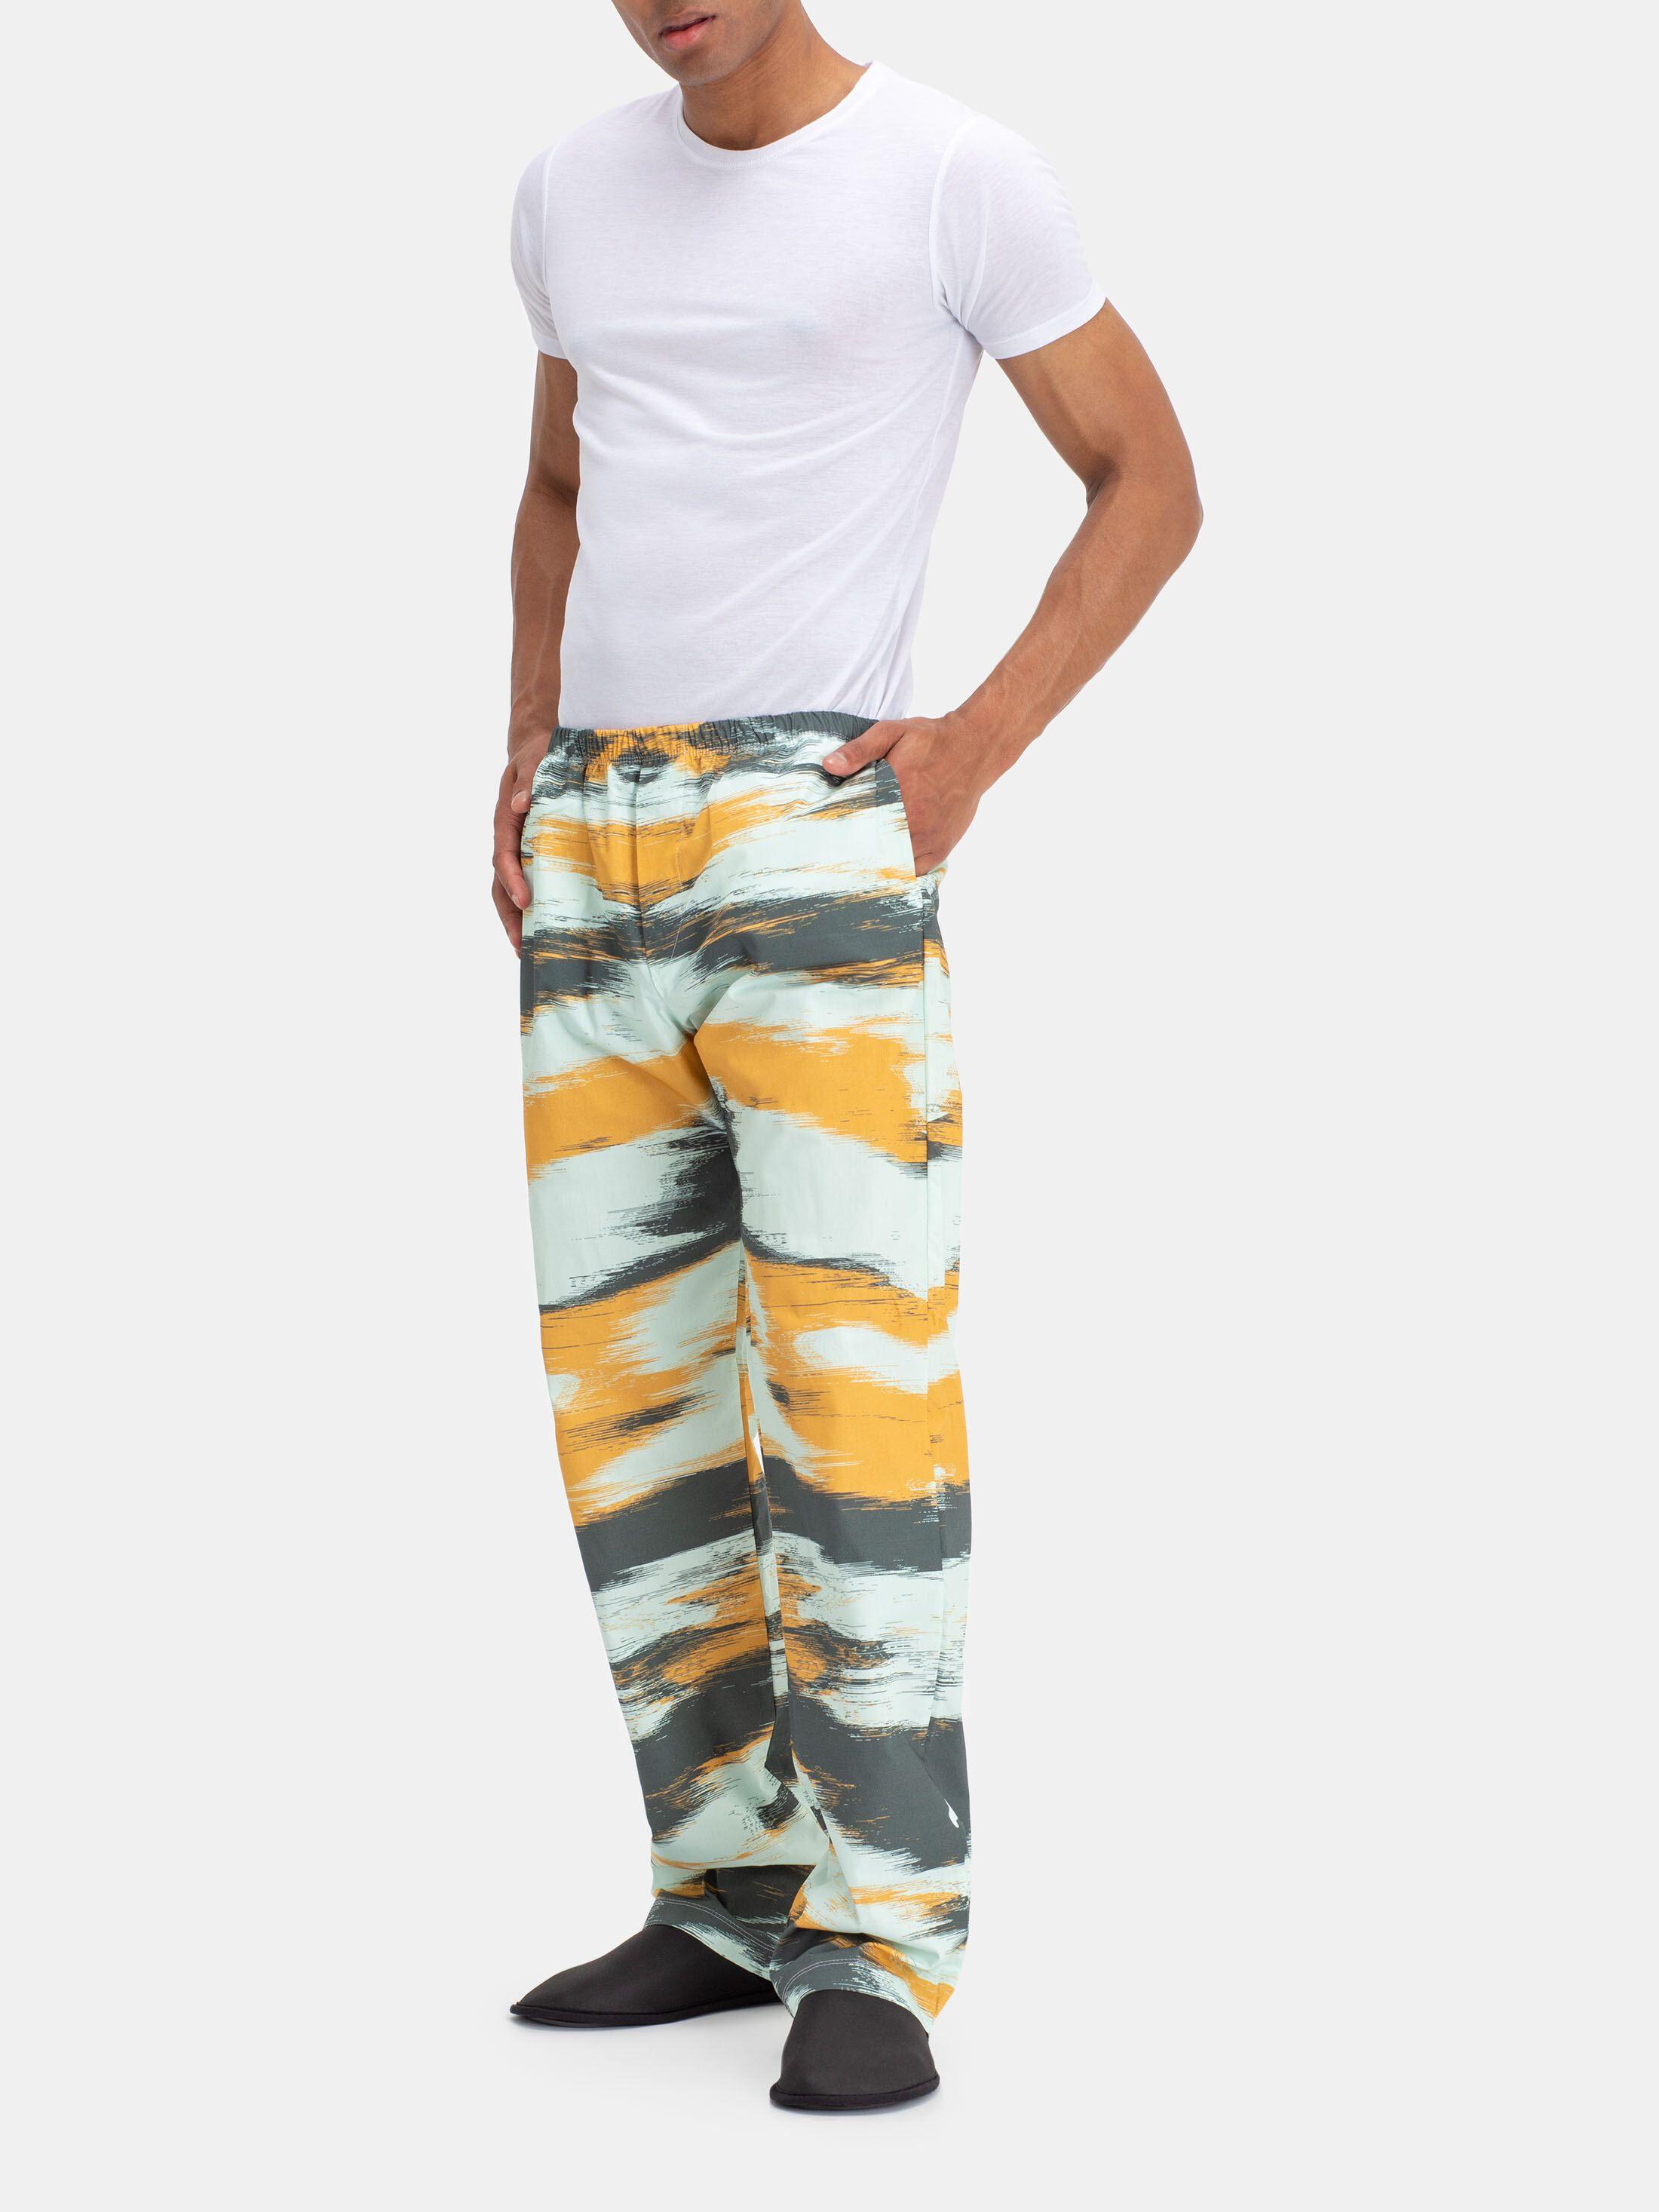 Diseña Pijamas originales para hombre